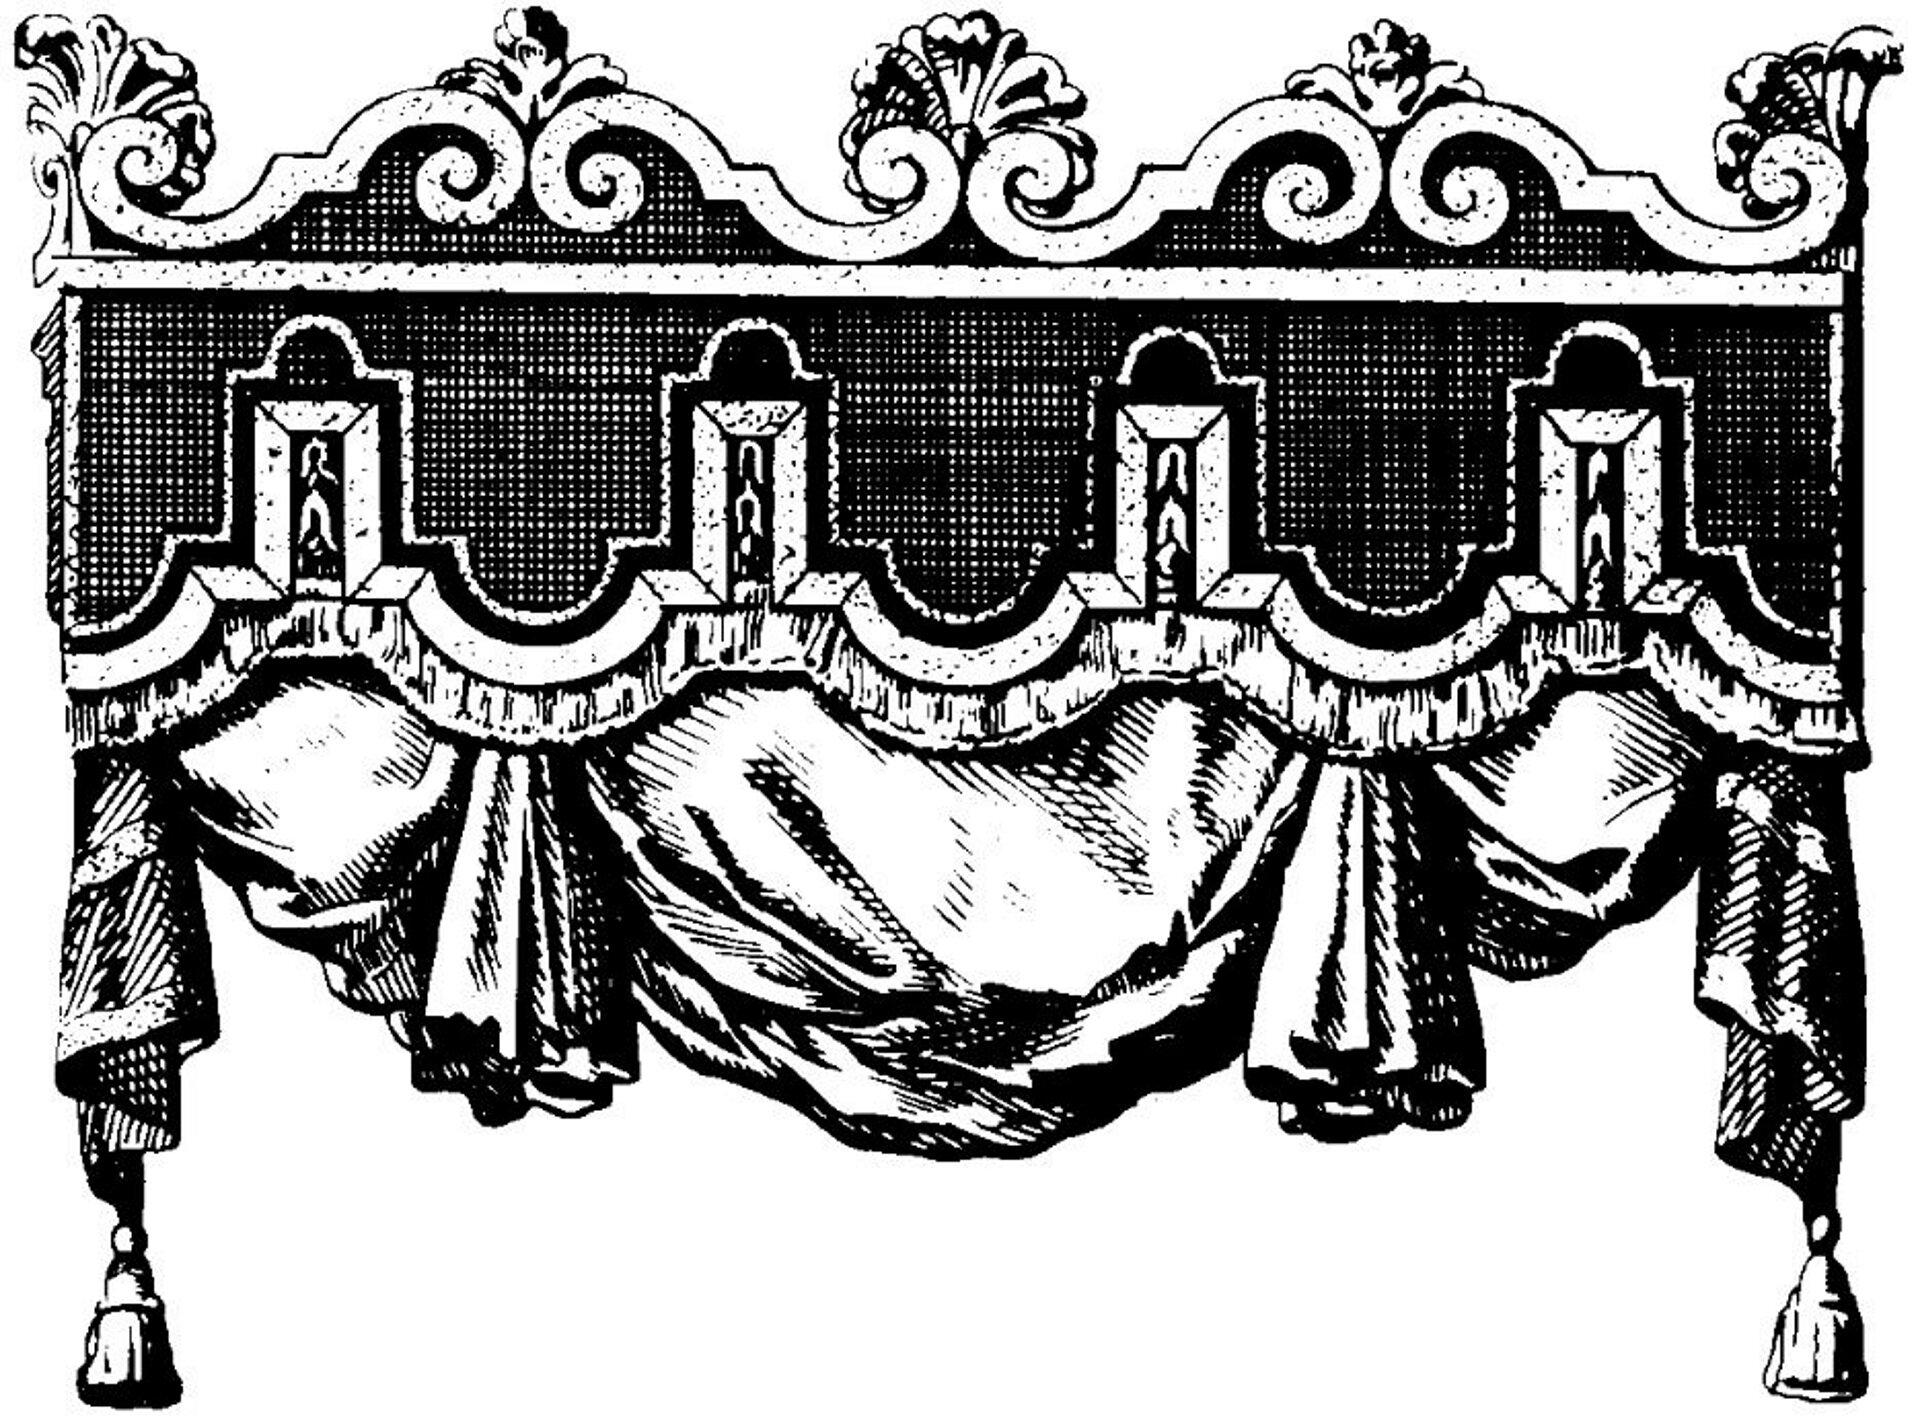 Ilustracja przedstawiająca ornament – lambrekin. Element dekoracyjny naszkicowany jest czarnym kolorem bez wypełenień. Ornament kształtem przypomina baldachim - dekoracyjny element, który można znaleźć czasami nad łóżkiem, zktórego wystaje tkanina.